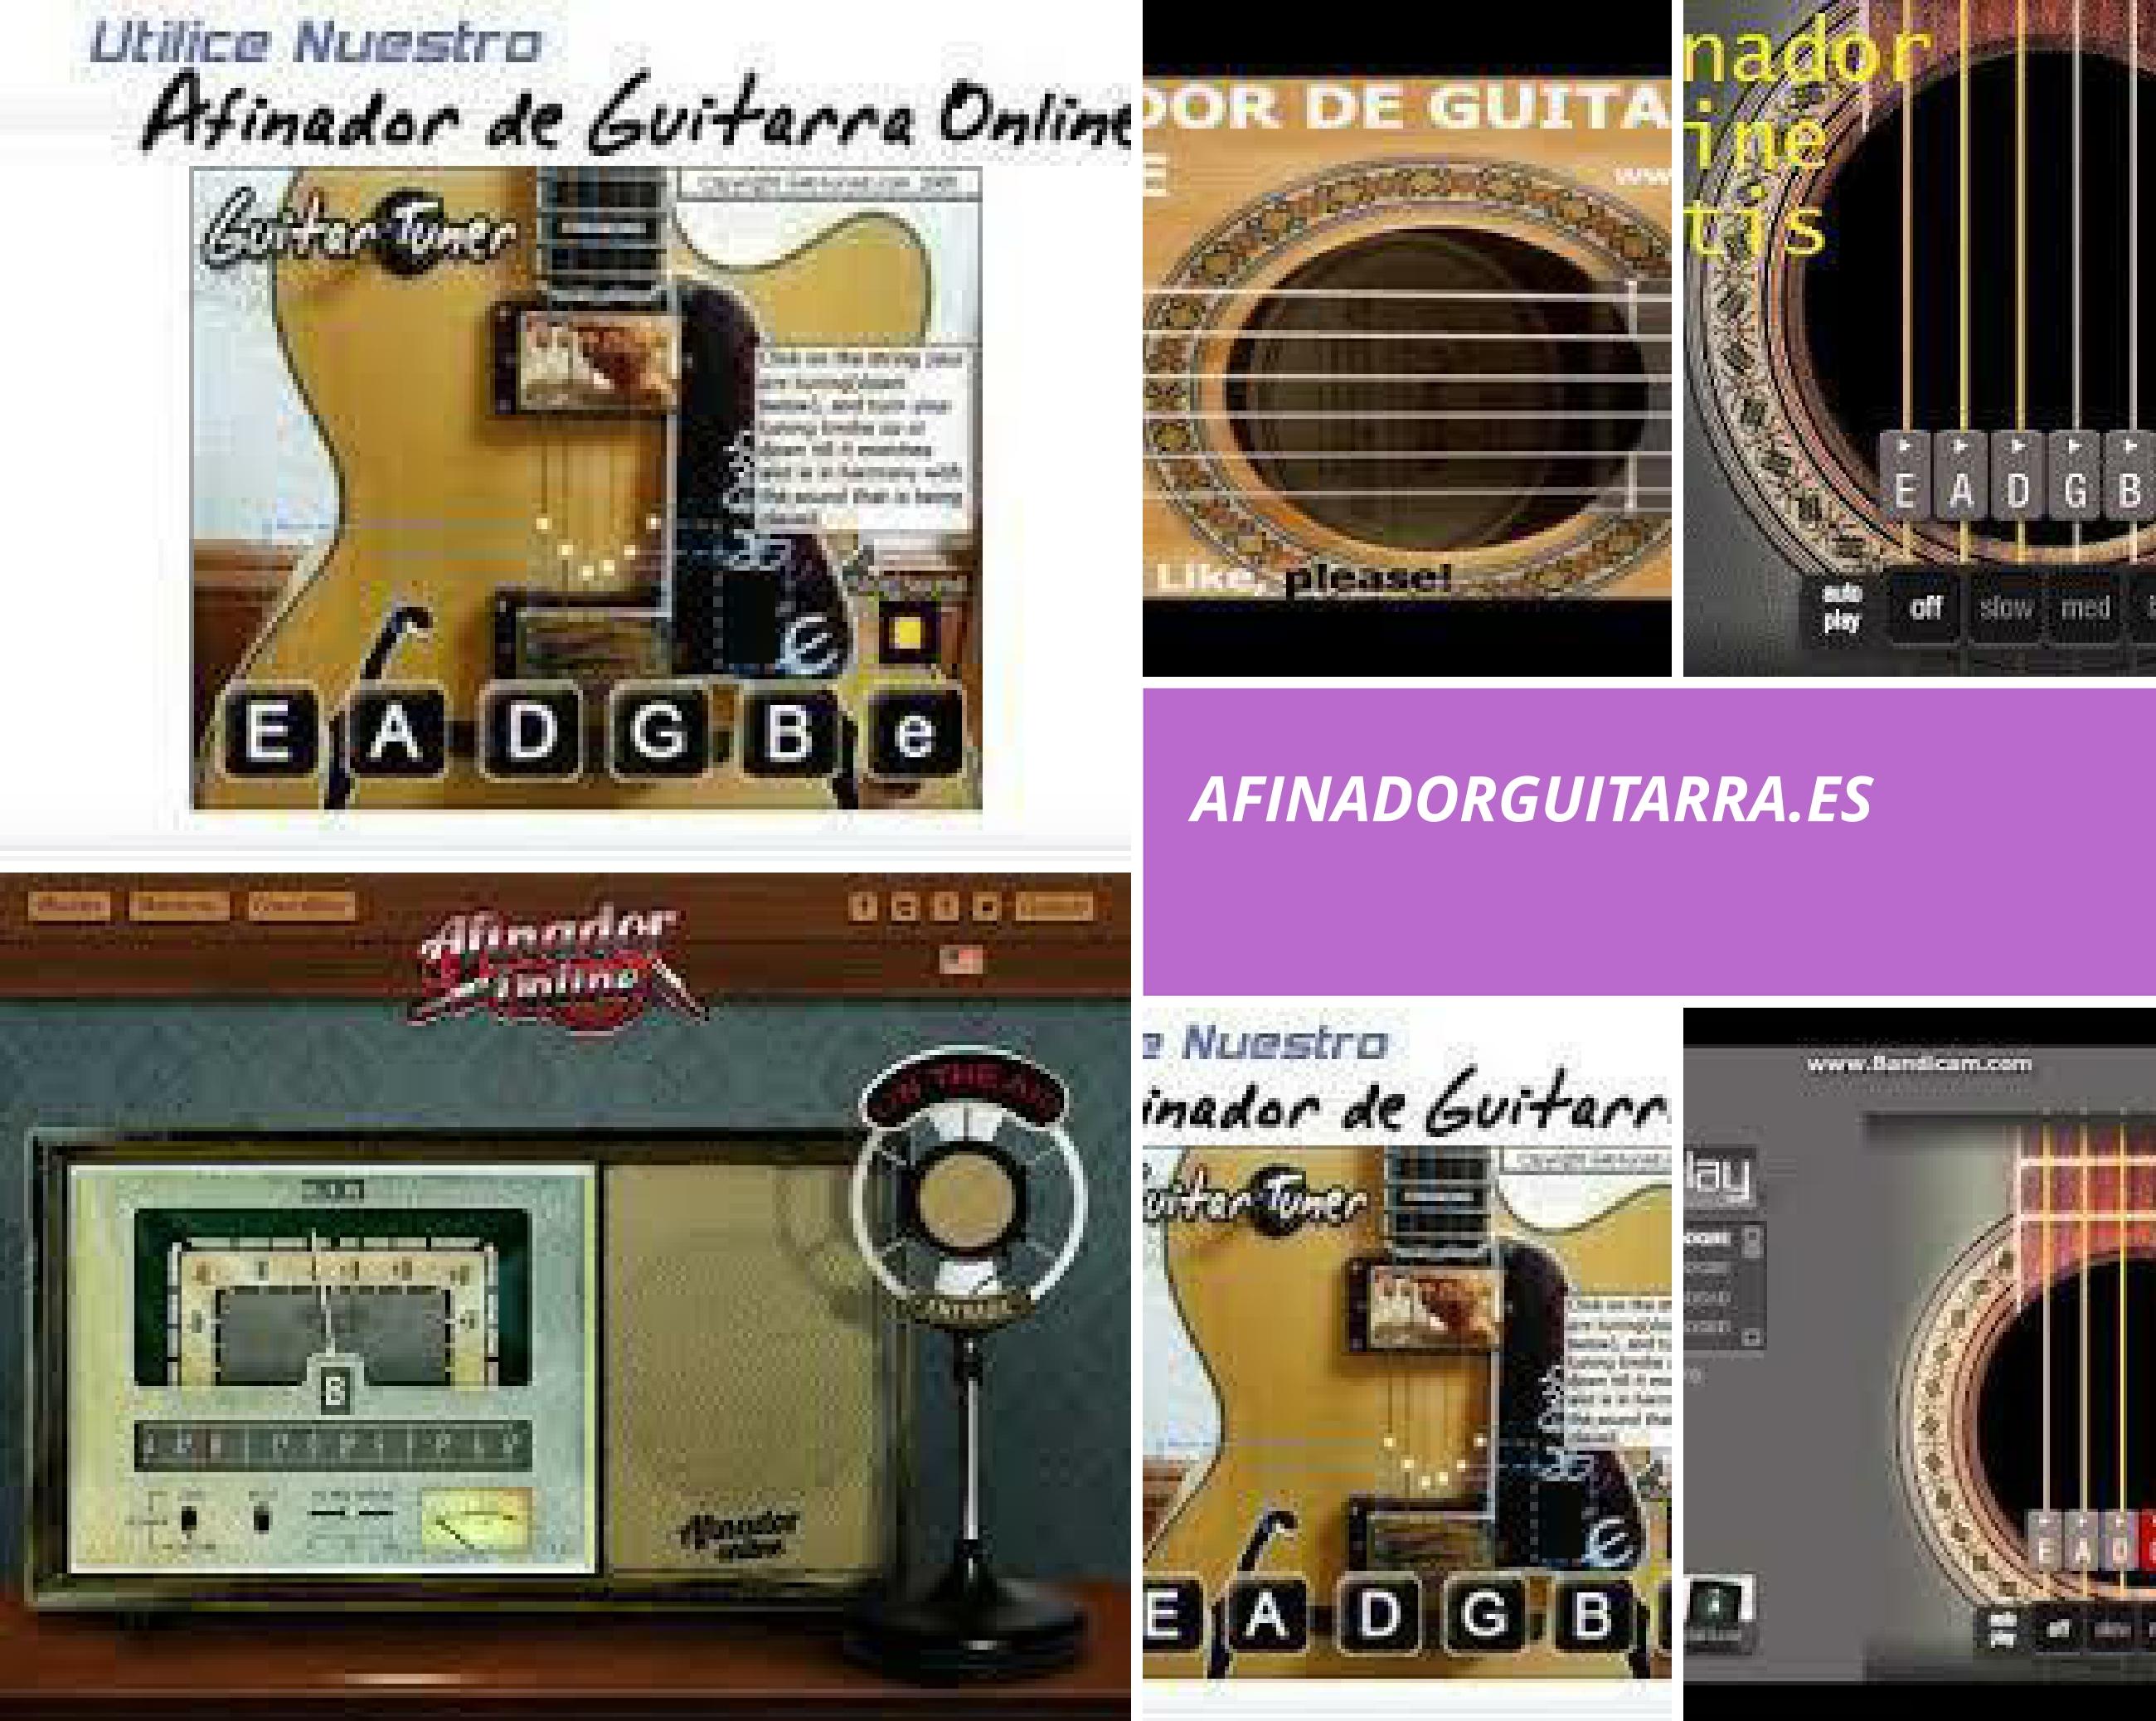 Afinadores de guitarra